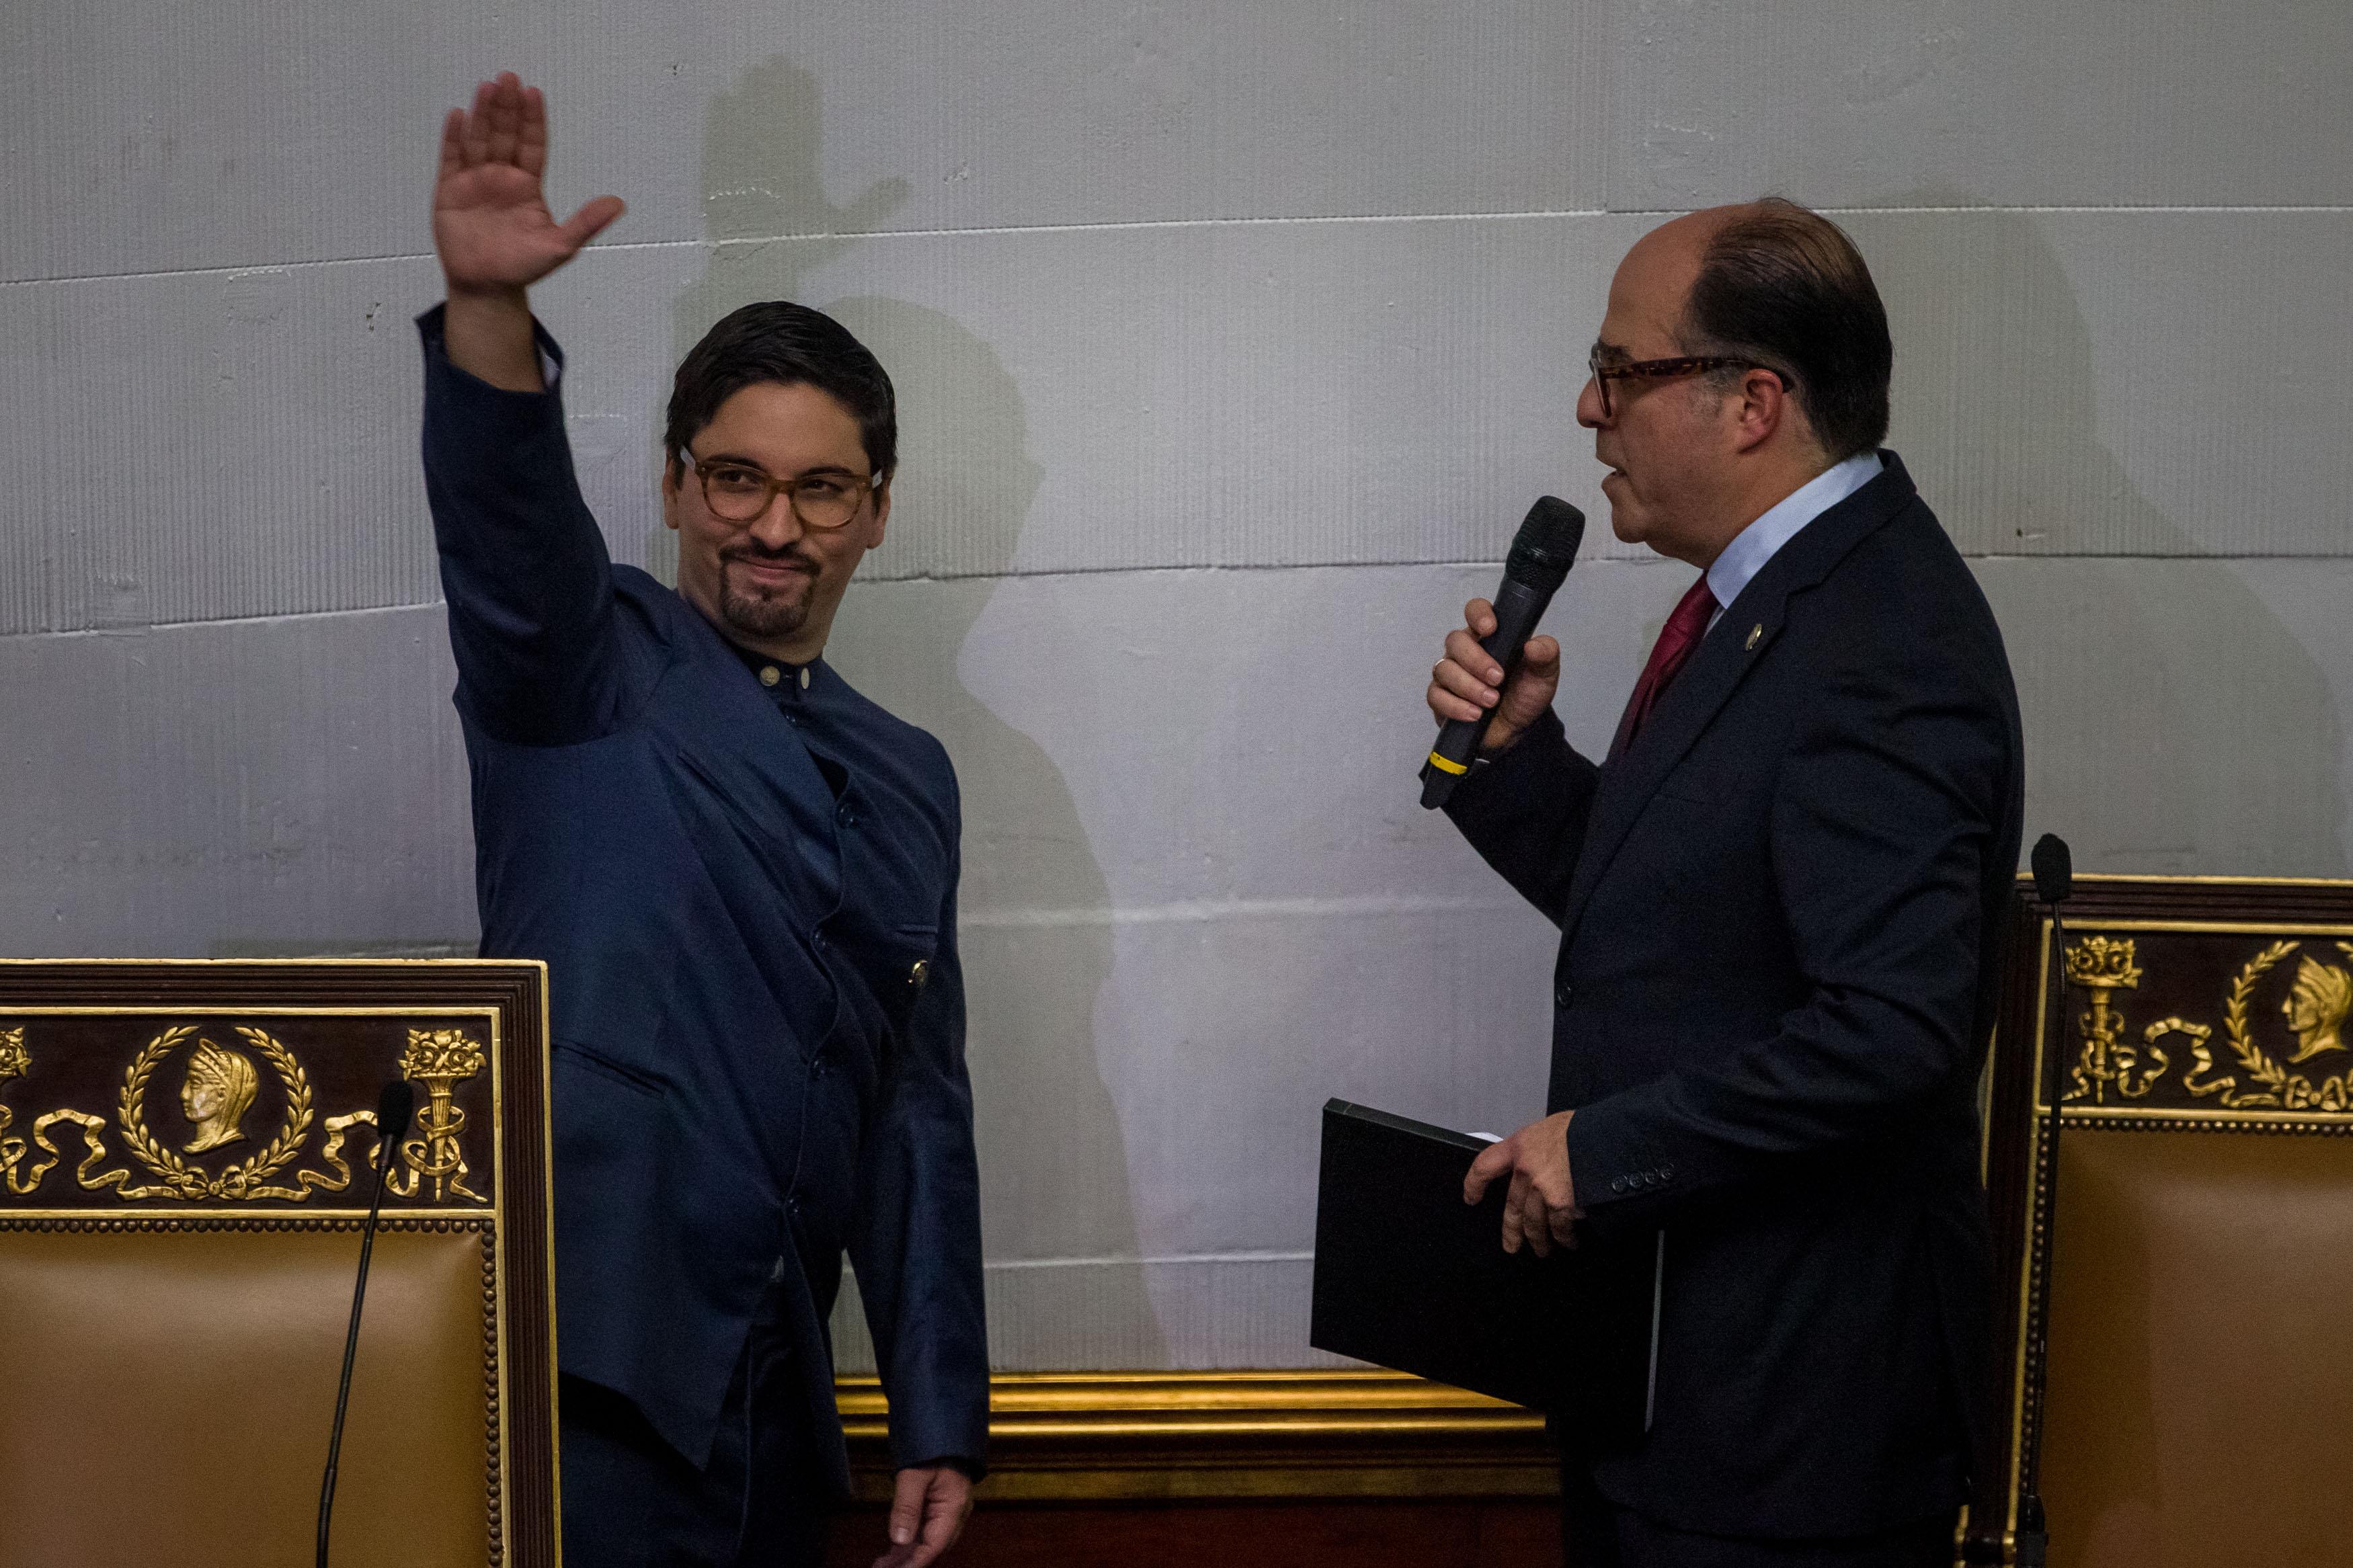 CAR25. CARACAS (VENEZUELA), 05/01/2017.- El diputado opositor Julio Borges (d) juramenta como segundo vicepresidente del organismo al diputado Freddy Guevara (i) durante la sesión de la Asamblea Nacional hoy, jueves 5 de enero de 2017, en la ciudad de Caracas (Venezuela). El nuevo presidente de la unicameral Asamblea Nacional de Venezuela (AN, Parlamento), el diputado opositor Julio Borges, fue juramentado como jefe del Legislativo en sustitución de Henry Ramos Allup, así como dos nuevos vicepresidentes de la Cámara, también opositores. EFE/MIGUEL GUTIÉRREZ